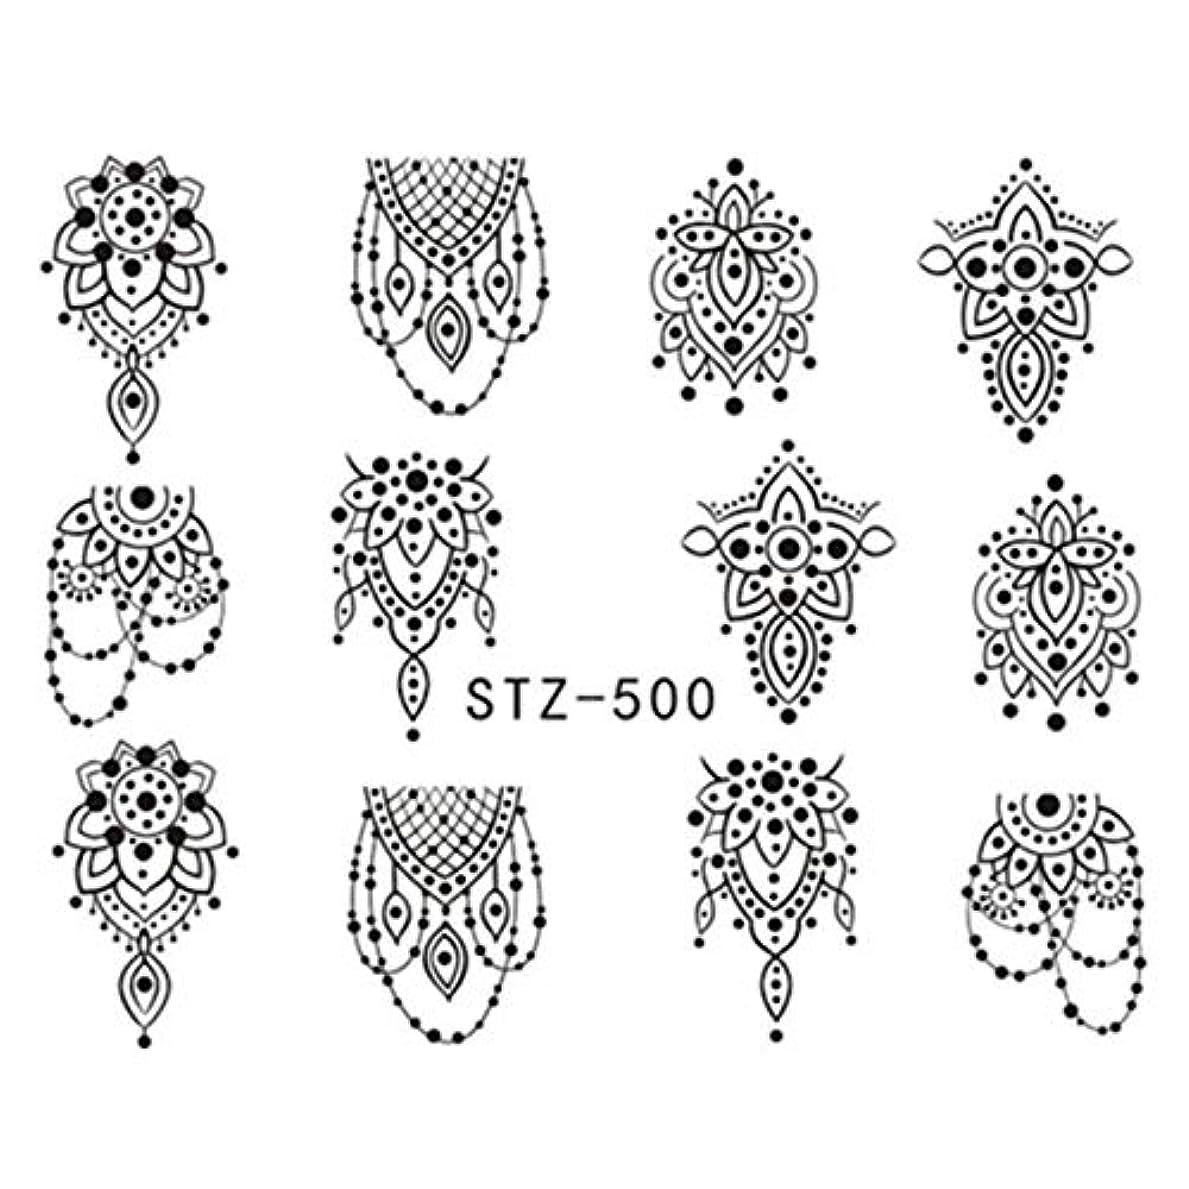 ぞっとするようなわがまま後悔Yoshilimen スイートフランスアートネックレス花びらパターンアップリケ(None STZ500)